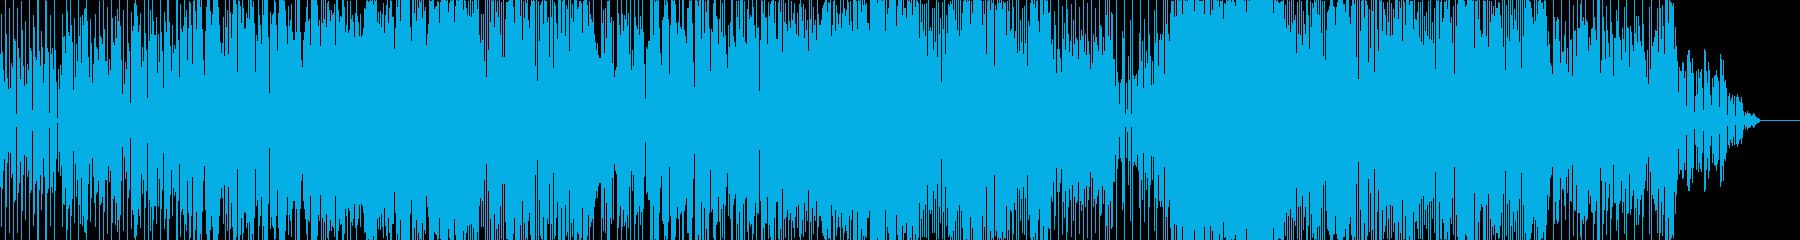 フォーキー feat. Naoitoの再生済みの波形